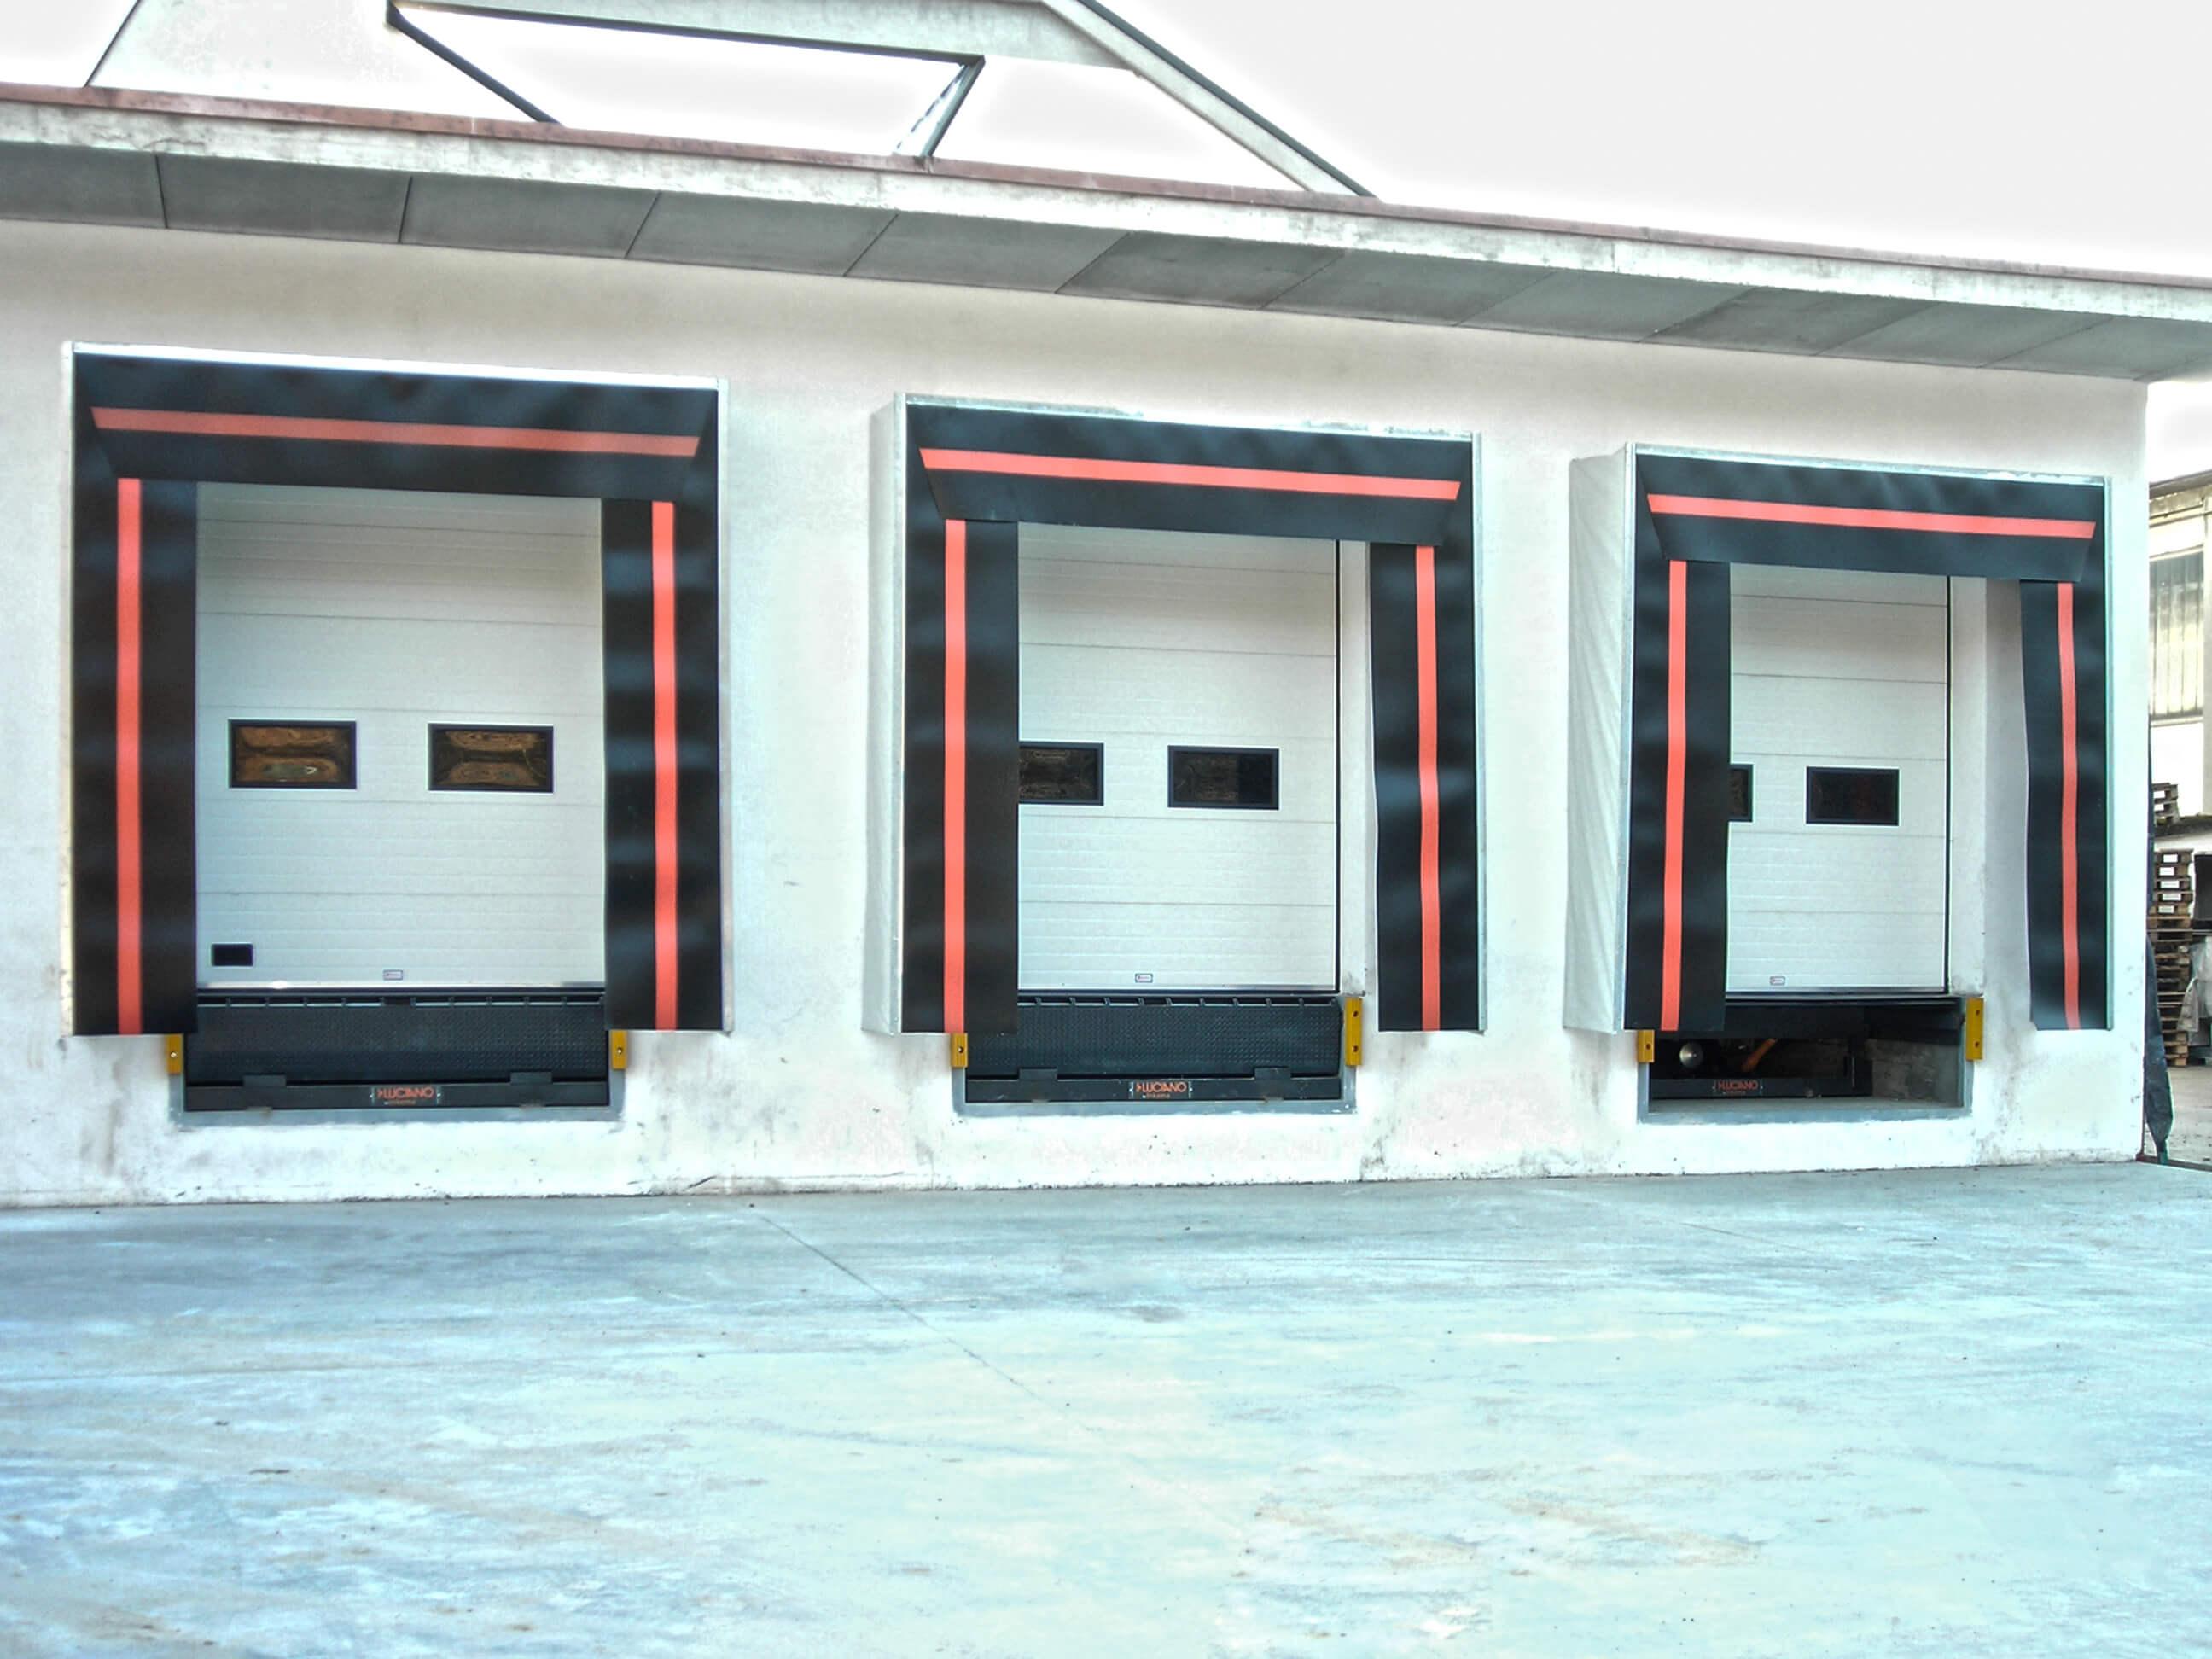 luciano punti di carico, luciano baie di carico, luciano rampe, rampe luciano, sigillanti luciano, dock shelter luciano, luciano portoni